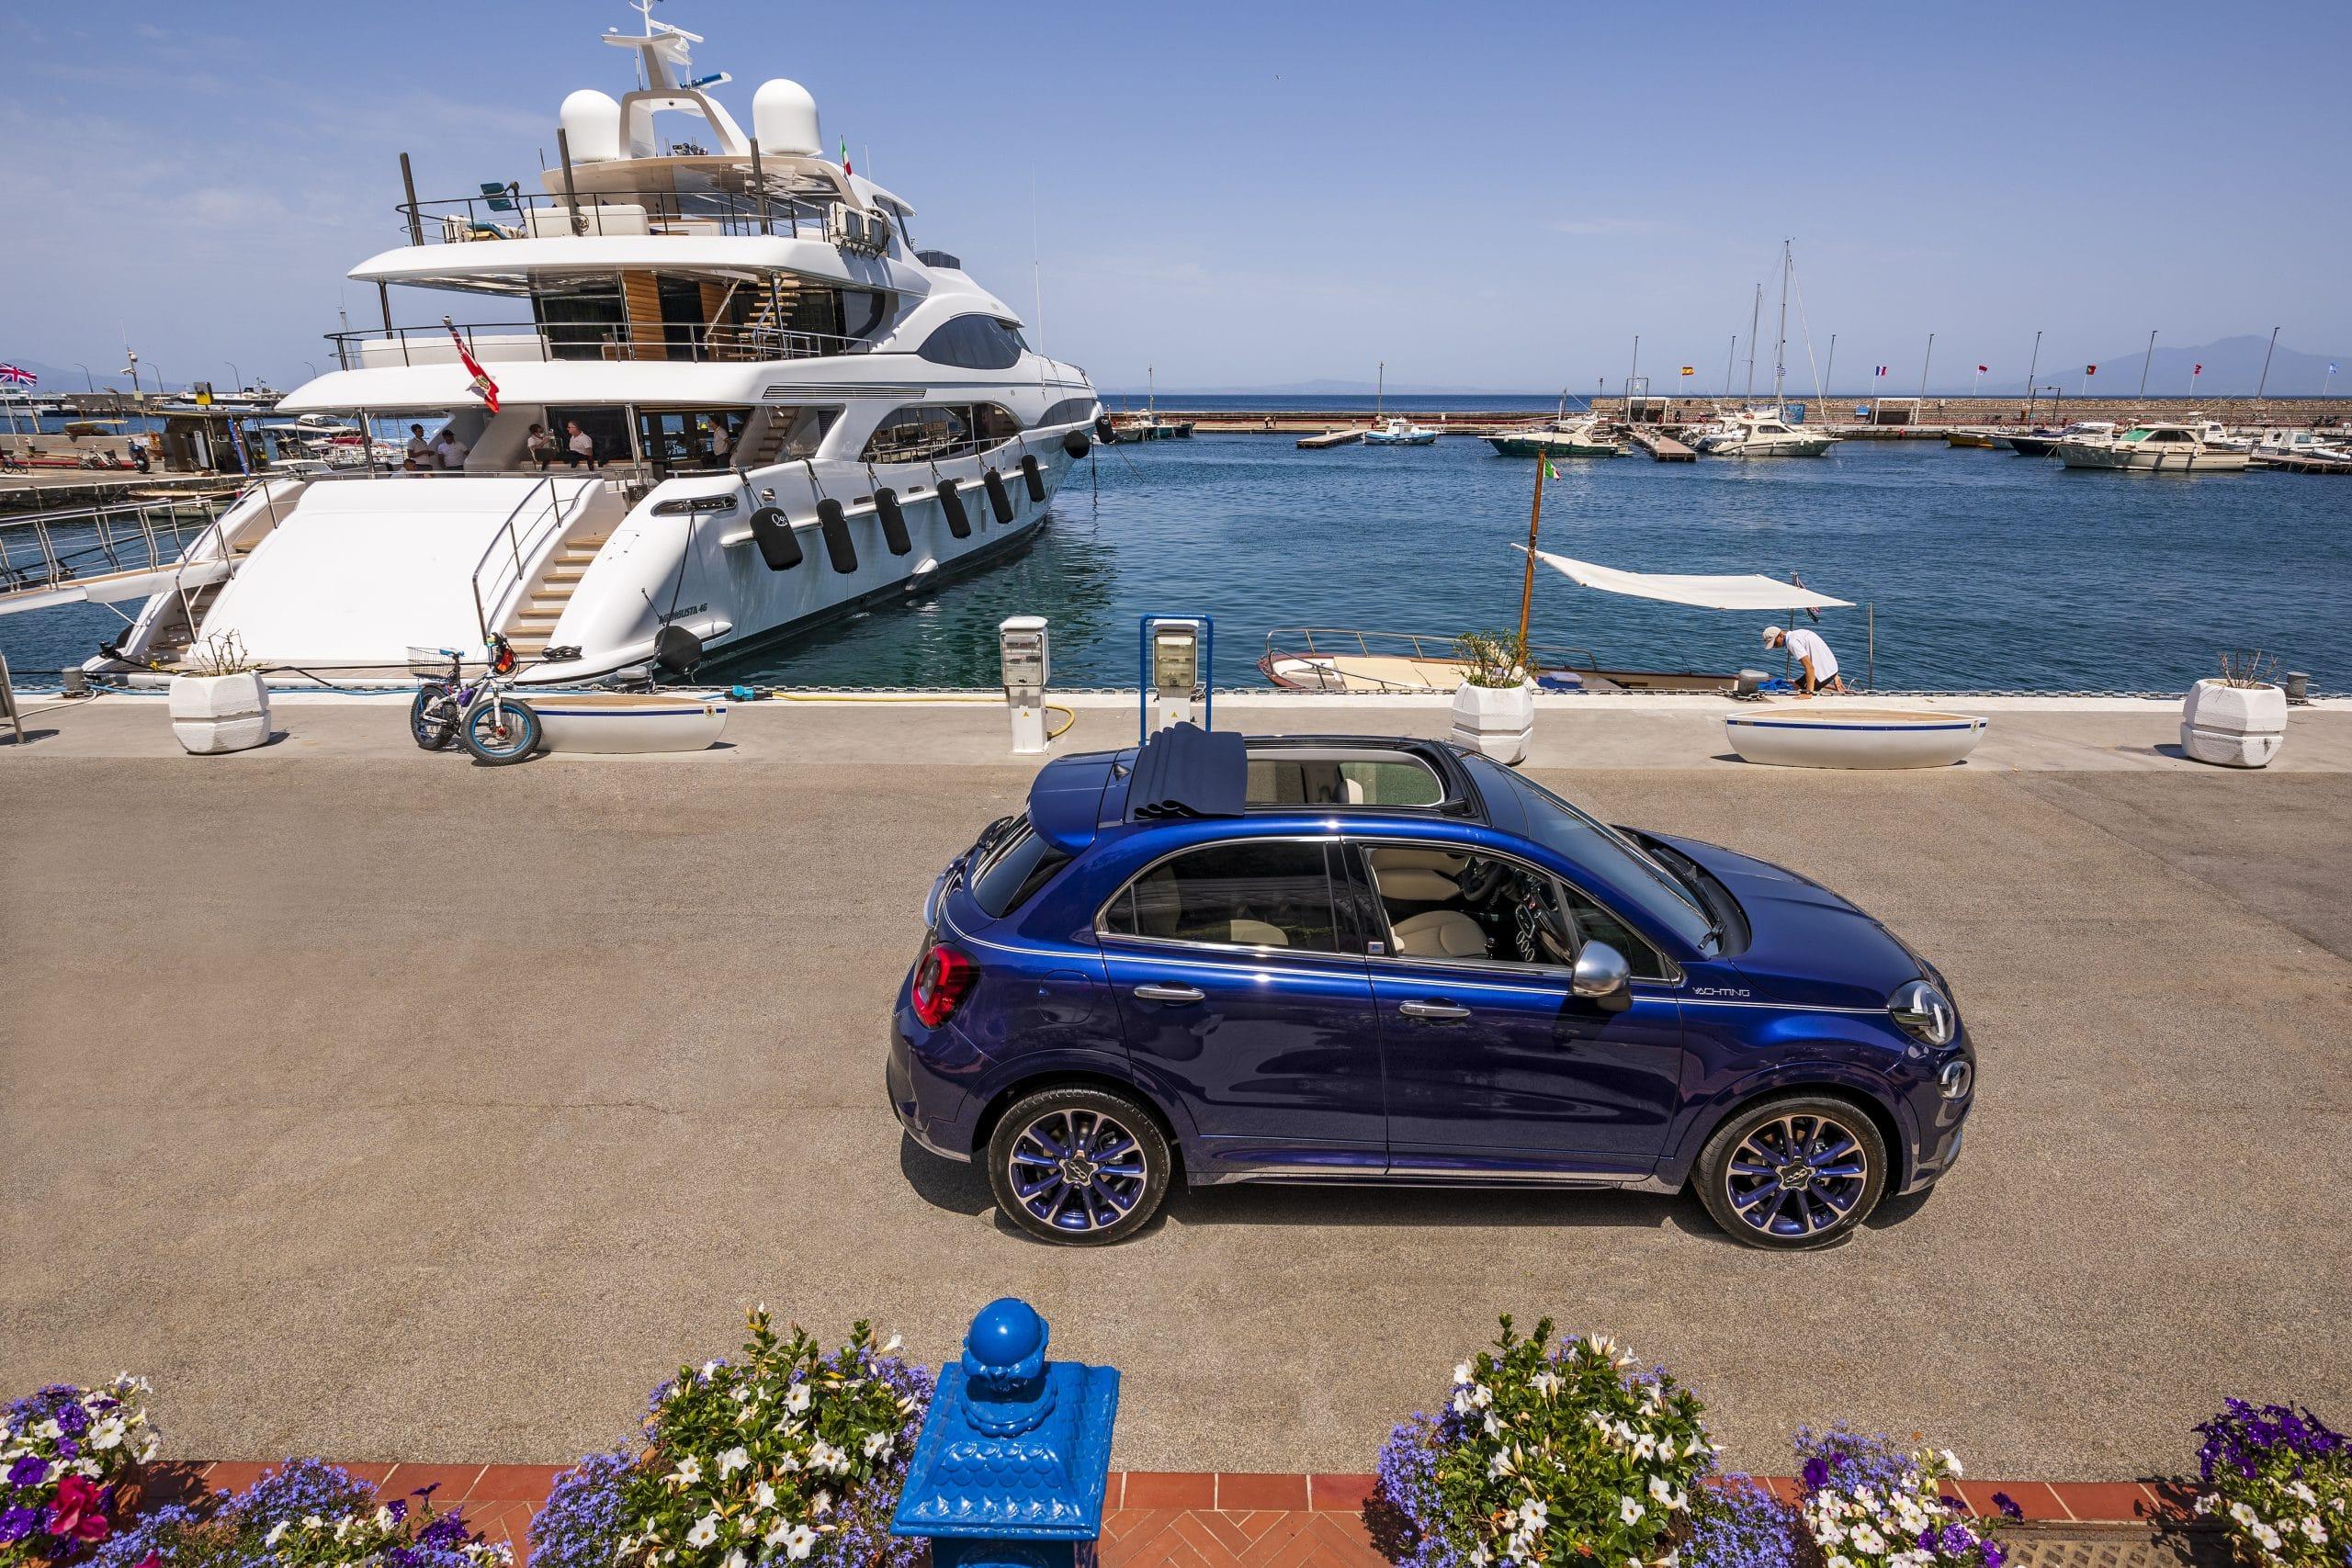 07 500X Yachting scaled 500Χ Yachting : H Fiat γιορτάζει το καλοκαίρι με την πιο ξεχωριστή έκδοση του 500 500, 500Χ Yachting, Fiat, Fiat 500, Fiat 500X, ειδήσεις, Νέα